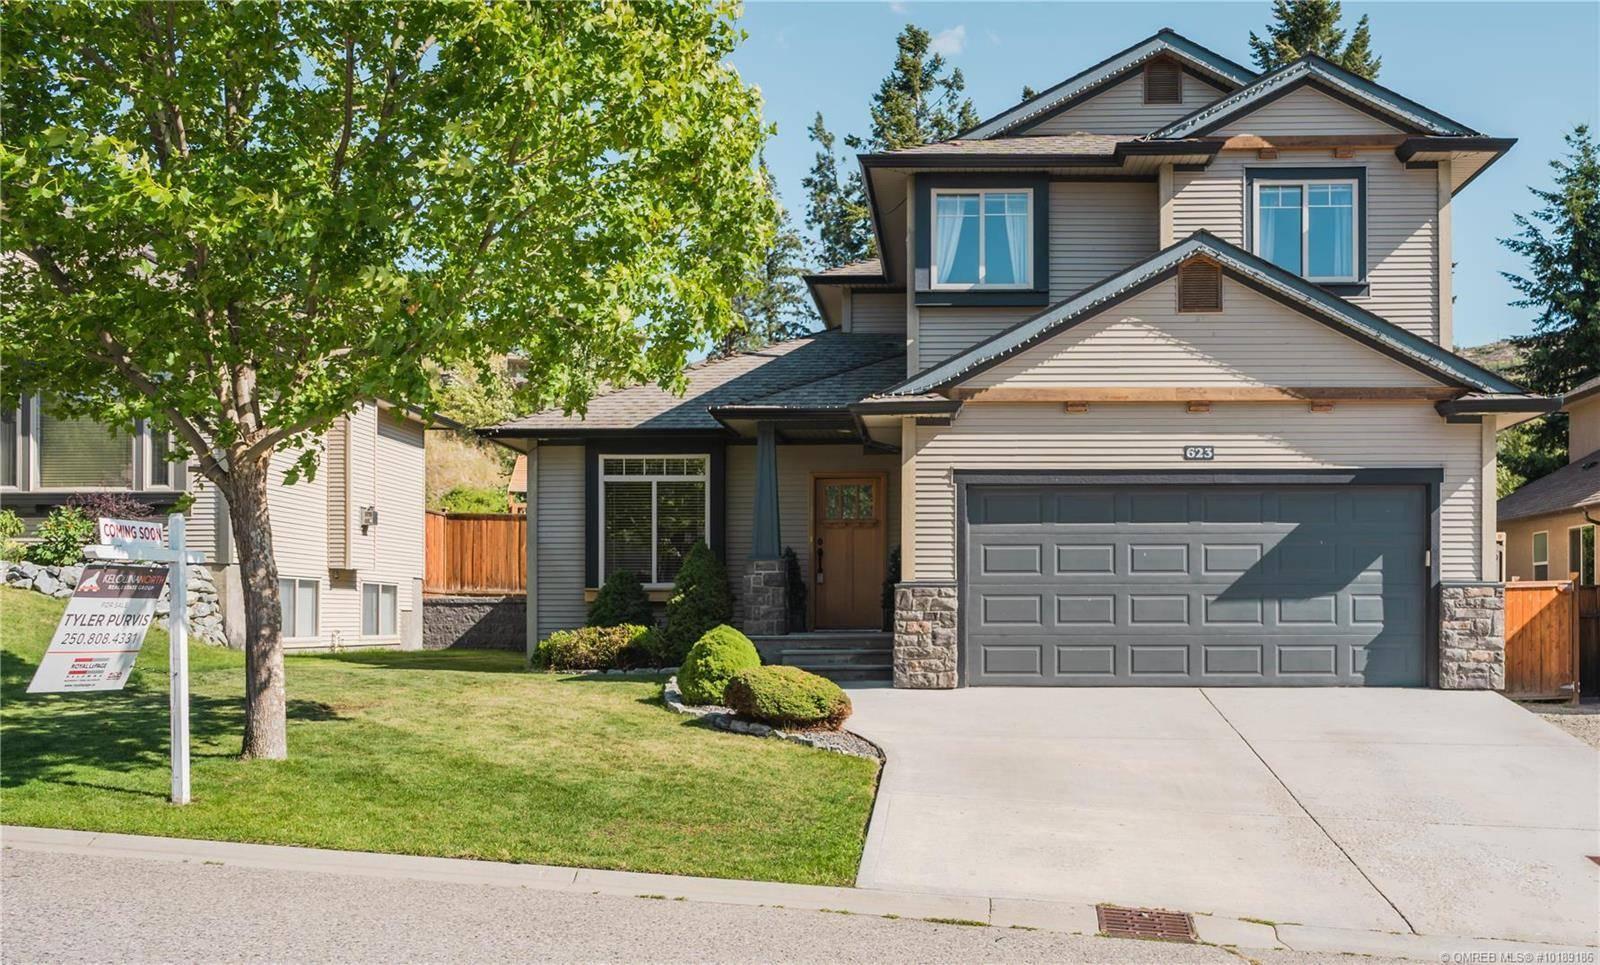 House for sale at 623 Benmore Pl Kelowna British Columbia - MLS: 10189186